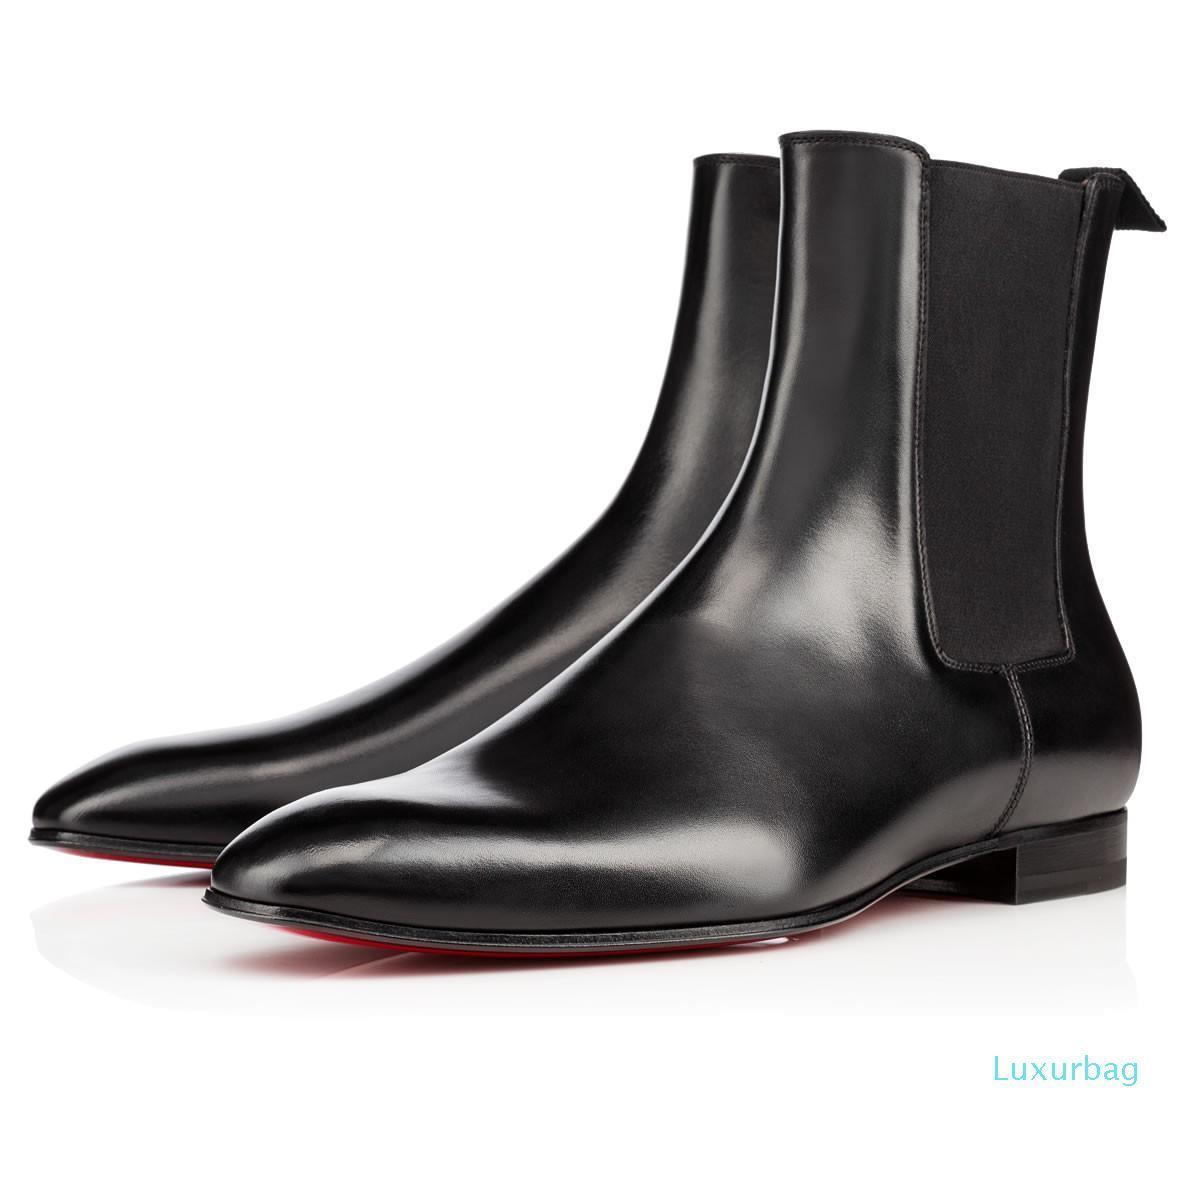 Moda Zarif İş Tasarımcı Erkek Siyah Deri Şövalye botlar Yüksek Üst Kırmızı Alt Boots, Marka Düz Ayak bileği Boots Günlük Ayakkabılar L03